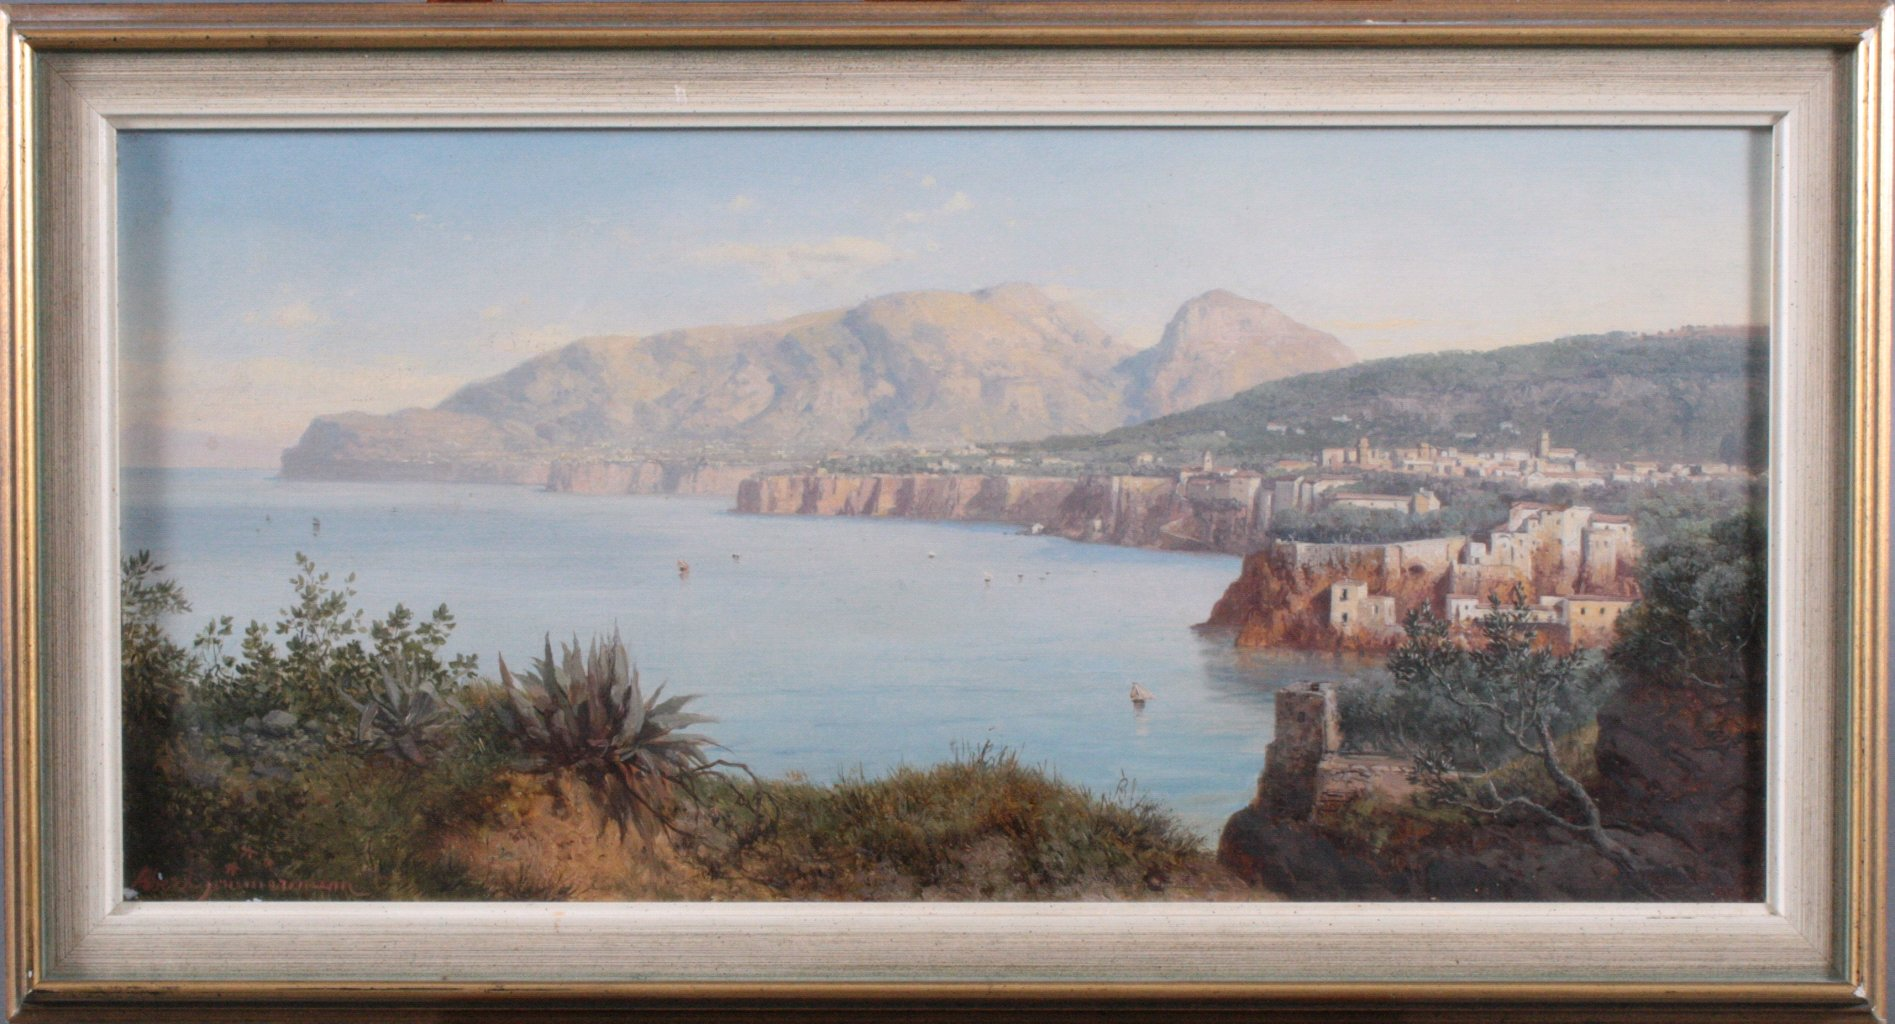 Panoramaansicht, Stadt am Meer